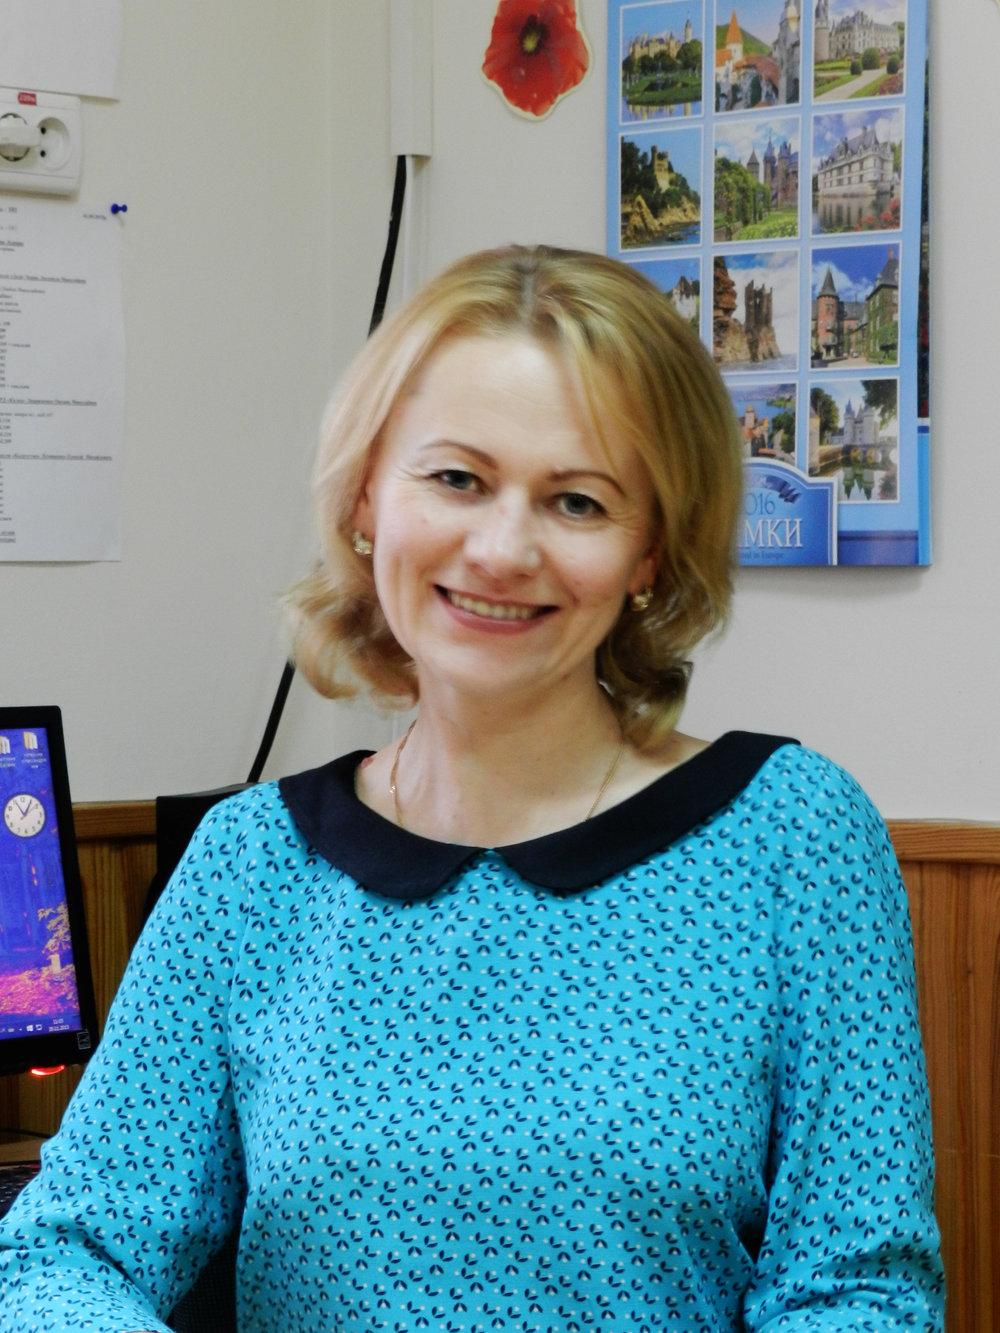 Сичова Наталія Василівна - вчитель української мови, вихователь 7 класу